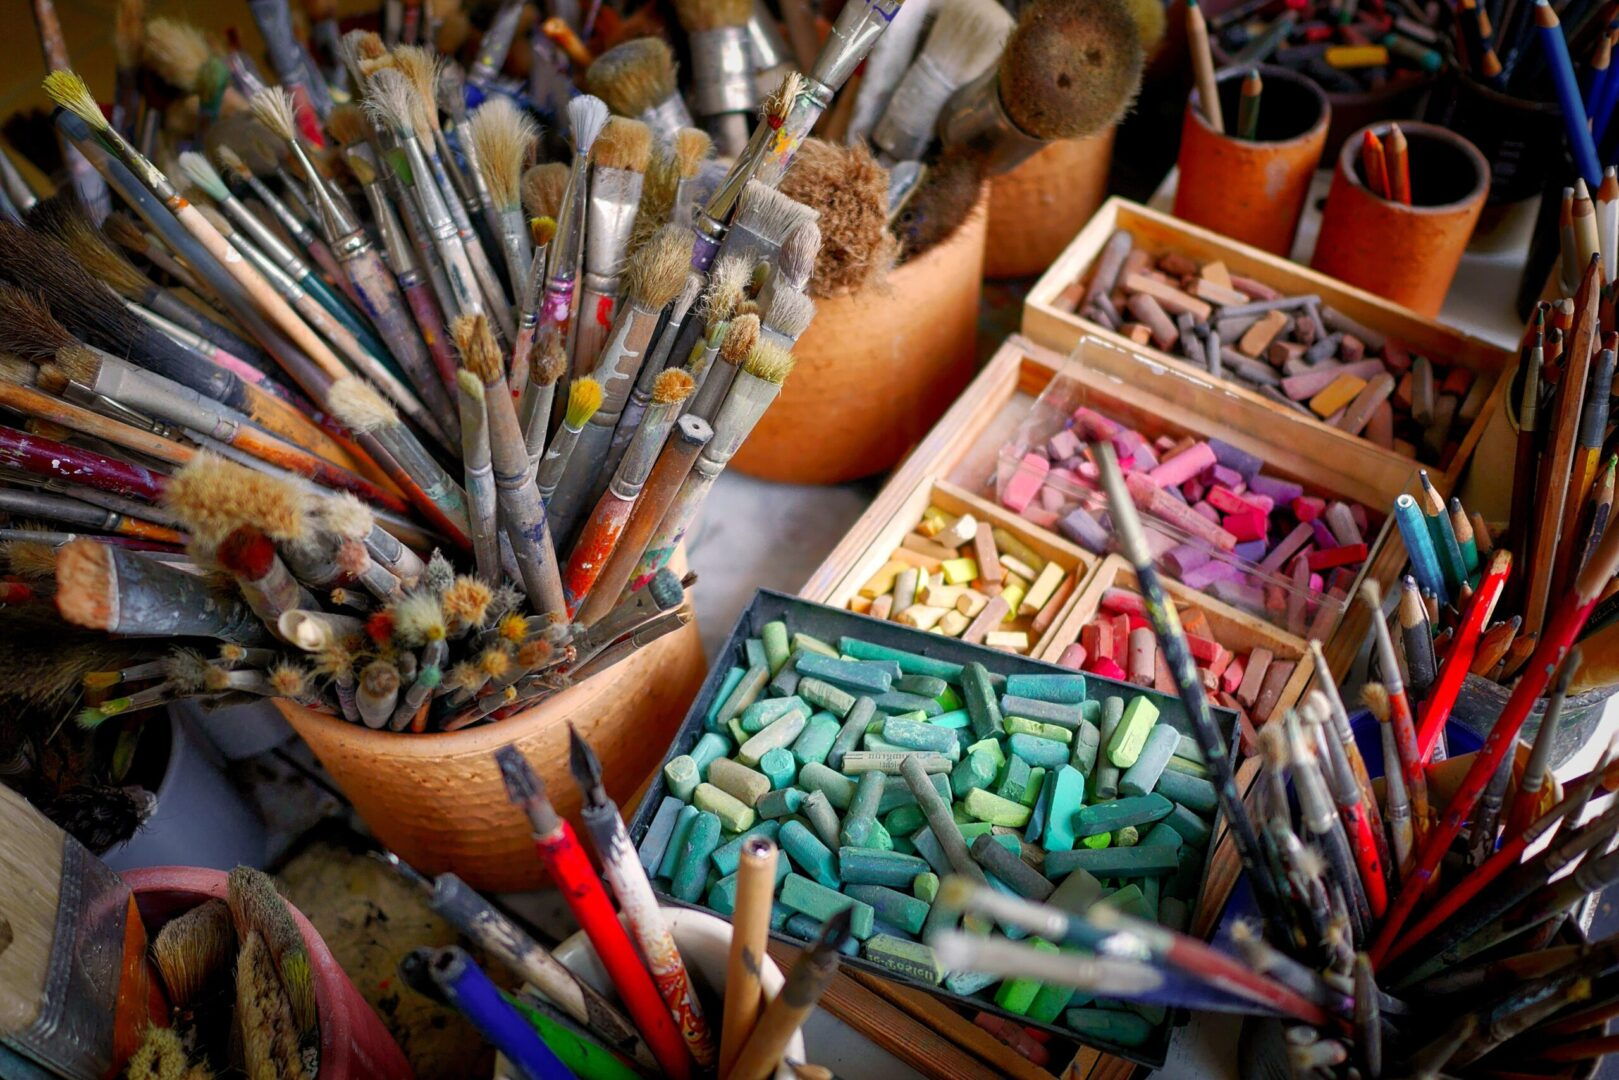 Pinsel, Farben, Kreide - Malutensilien für Künstler. Meißen ist eine Stadt der Kunst und Kultur.